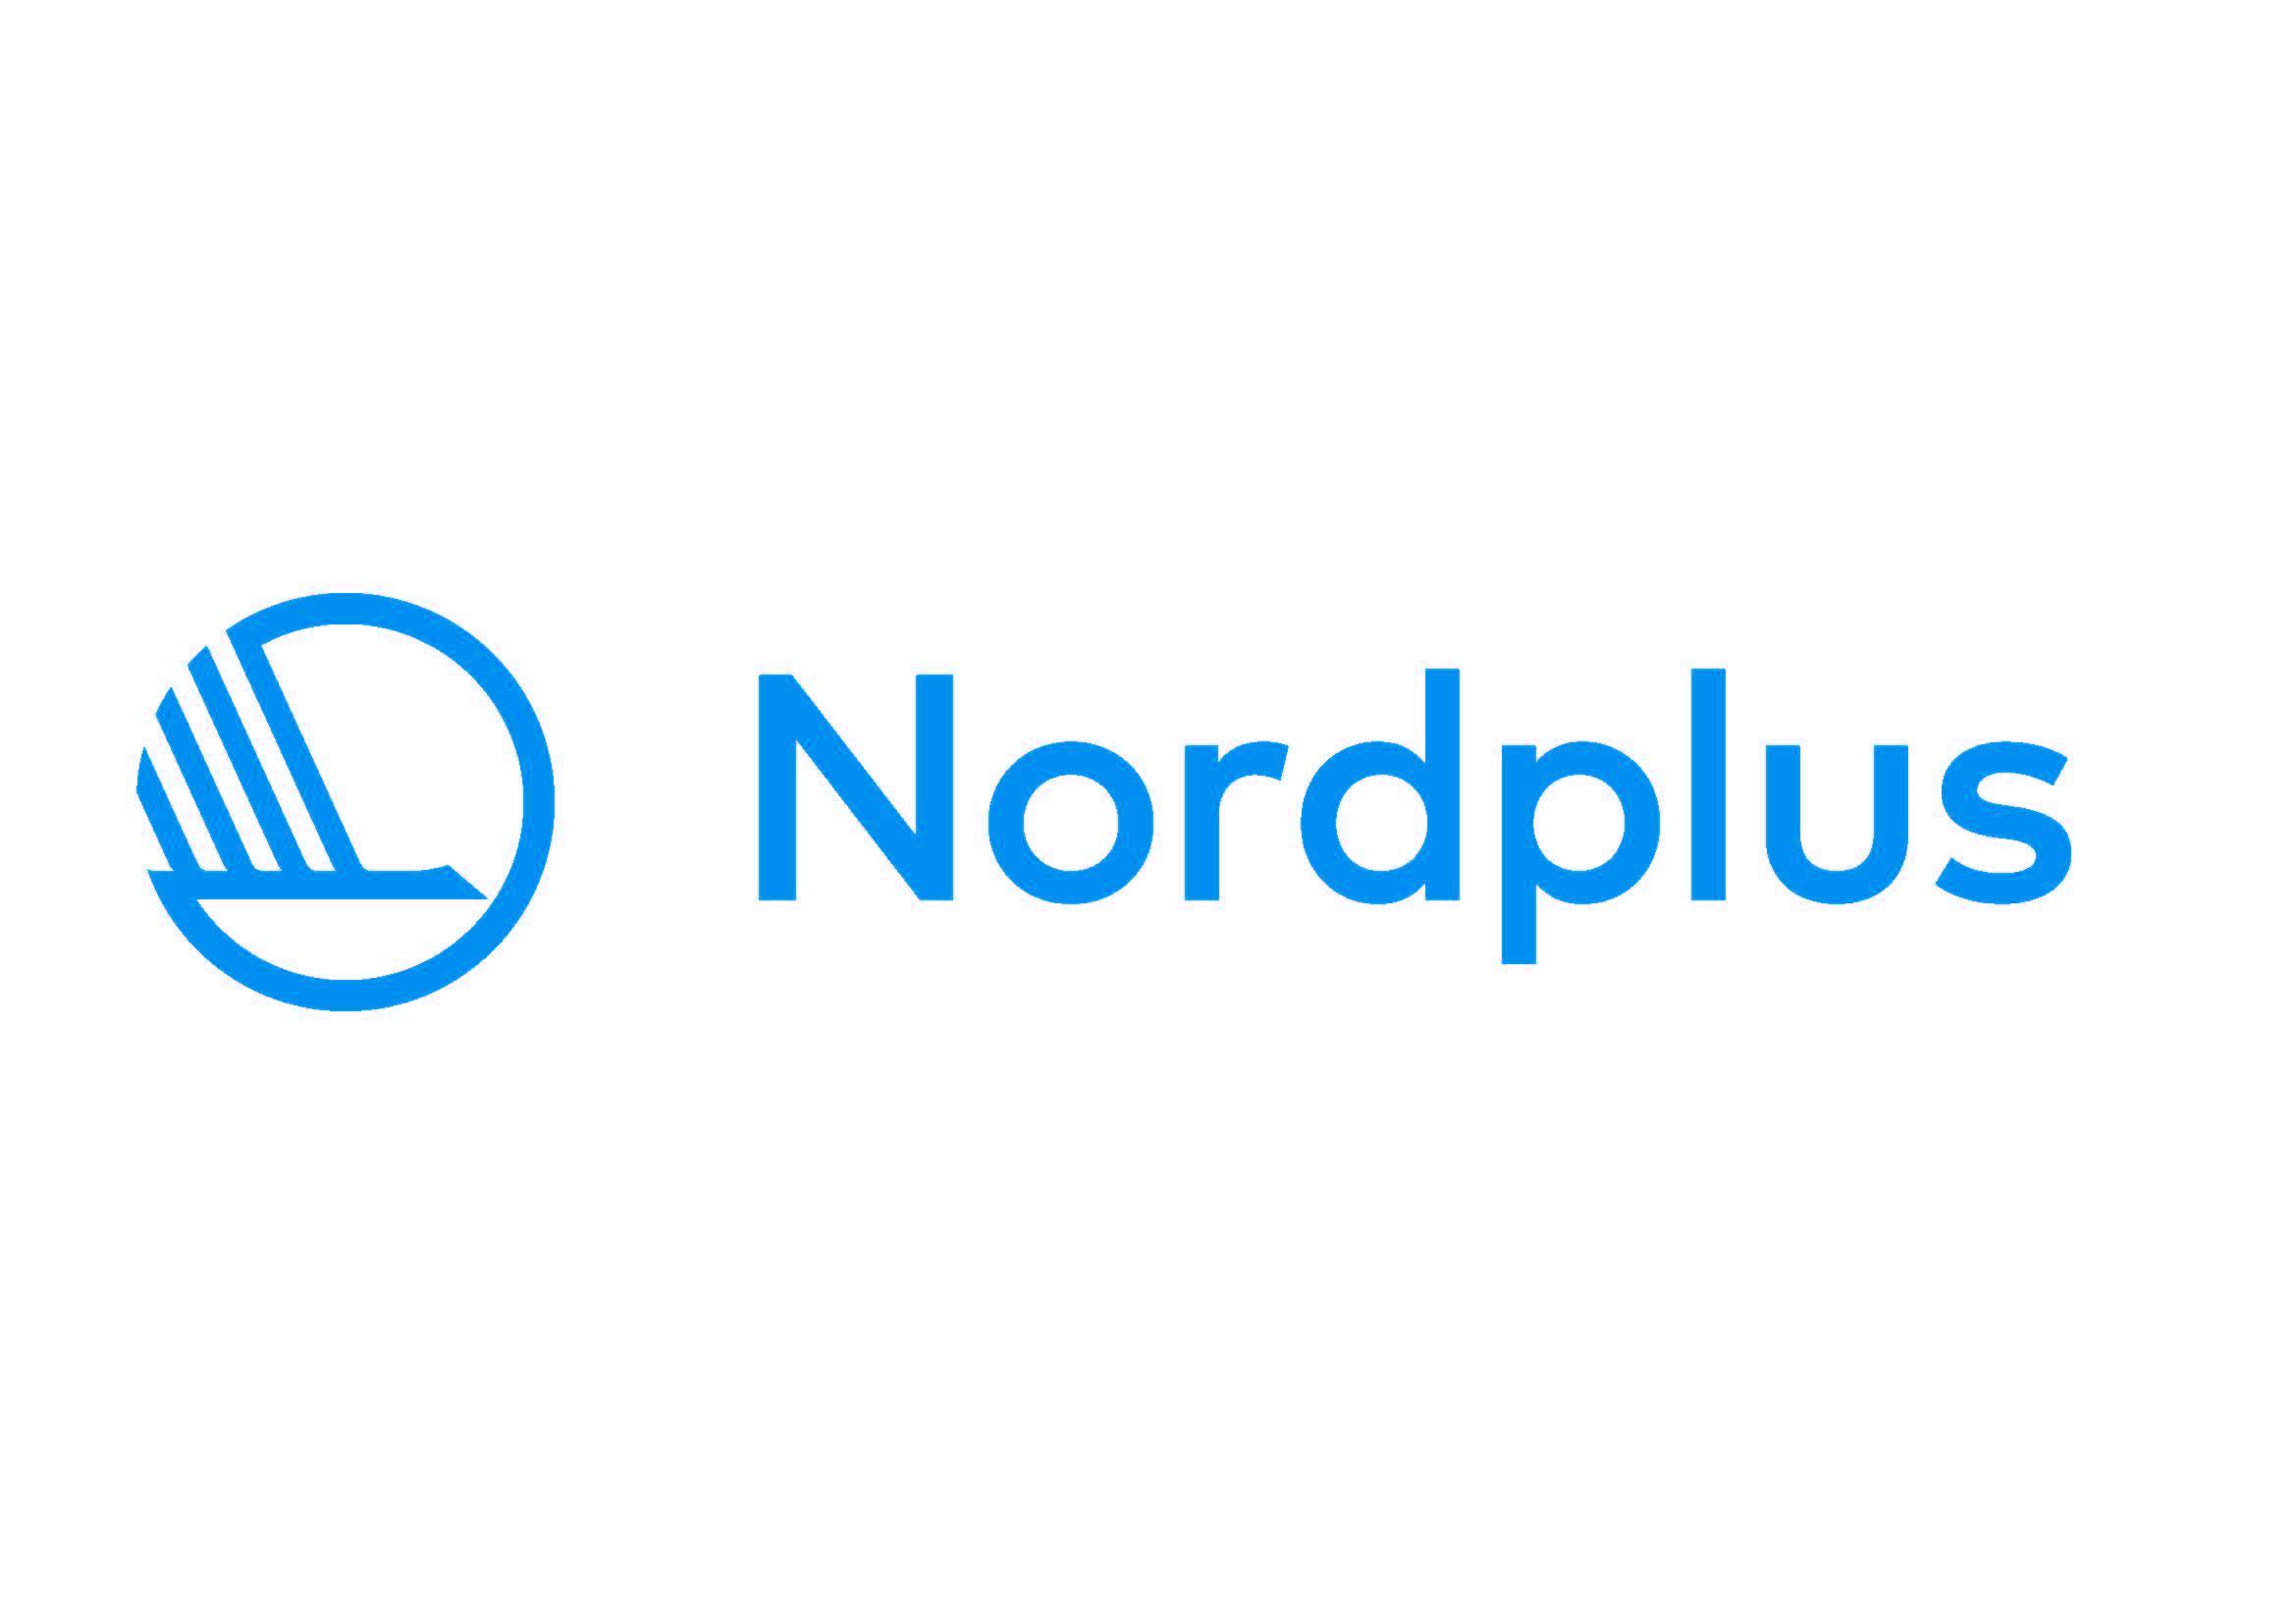 nordplus logo